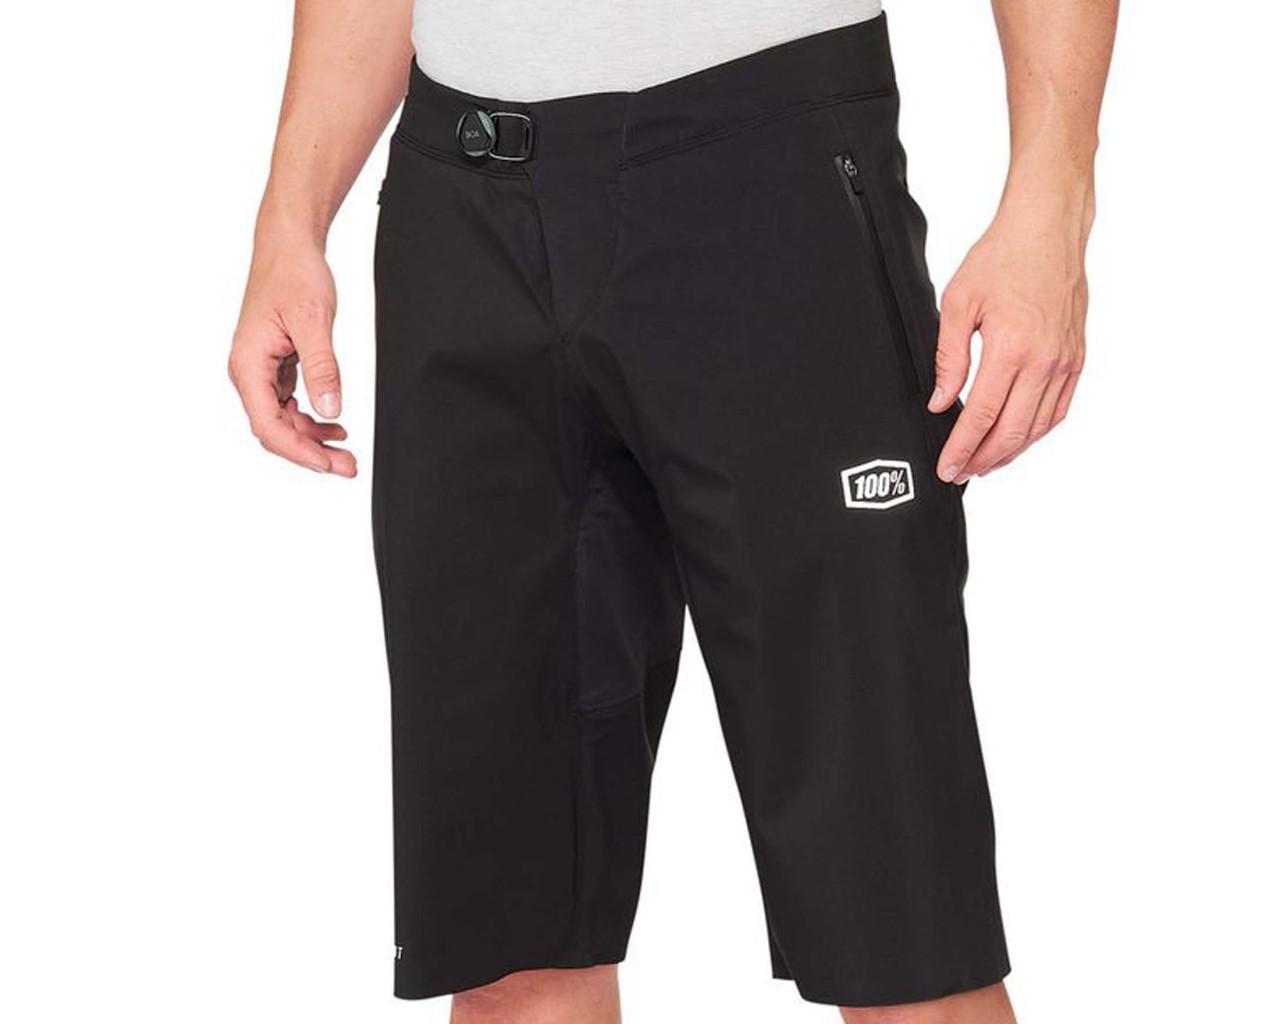 100% Hydrormatic Shorts | black